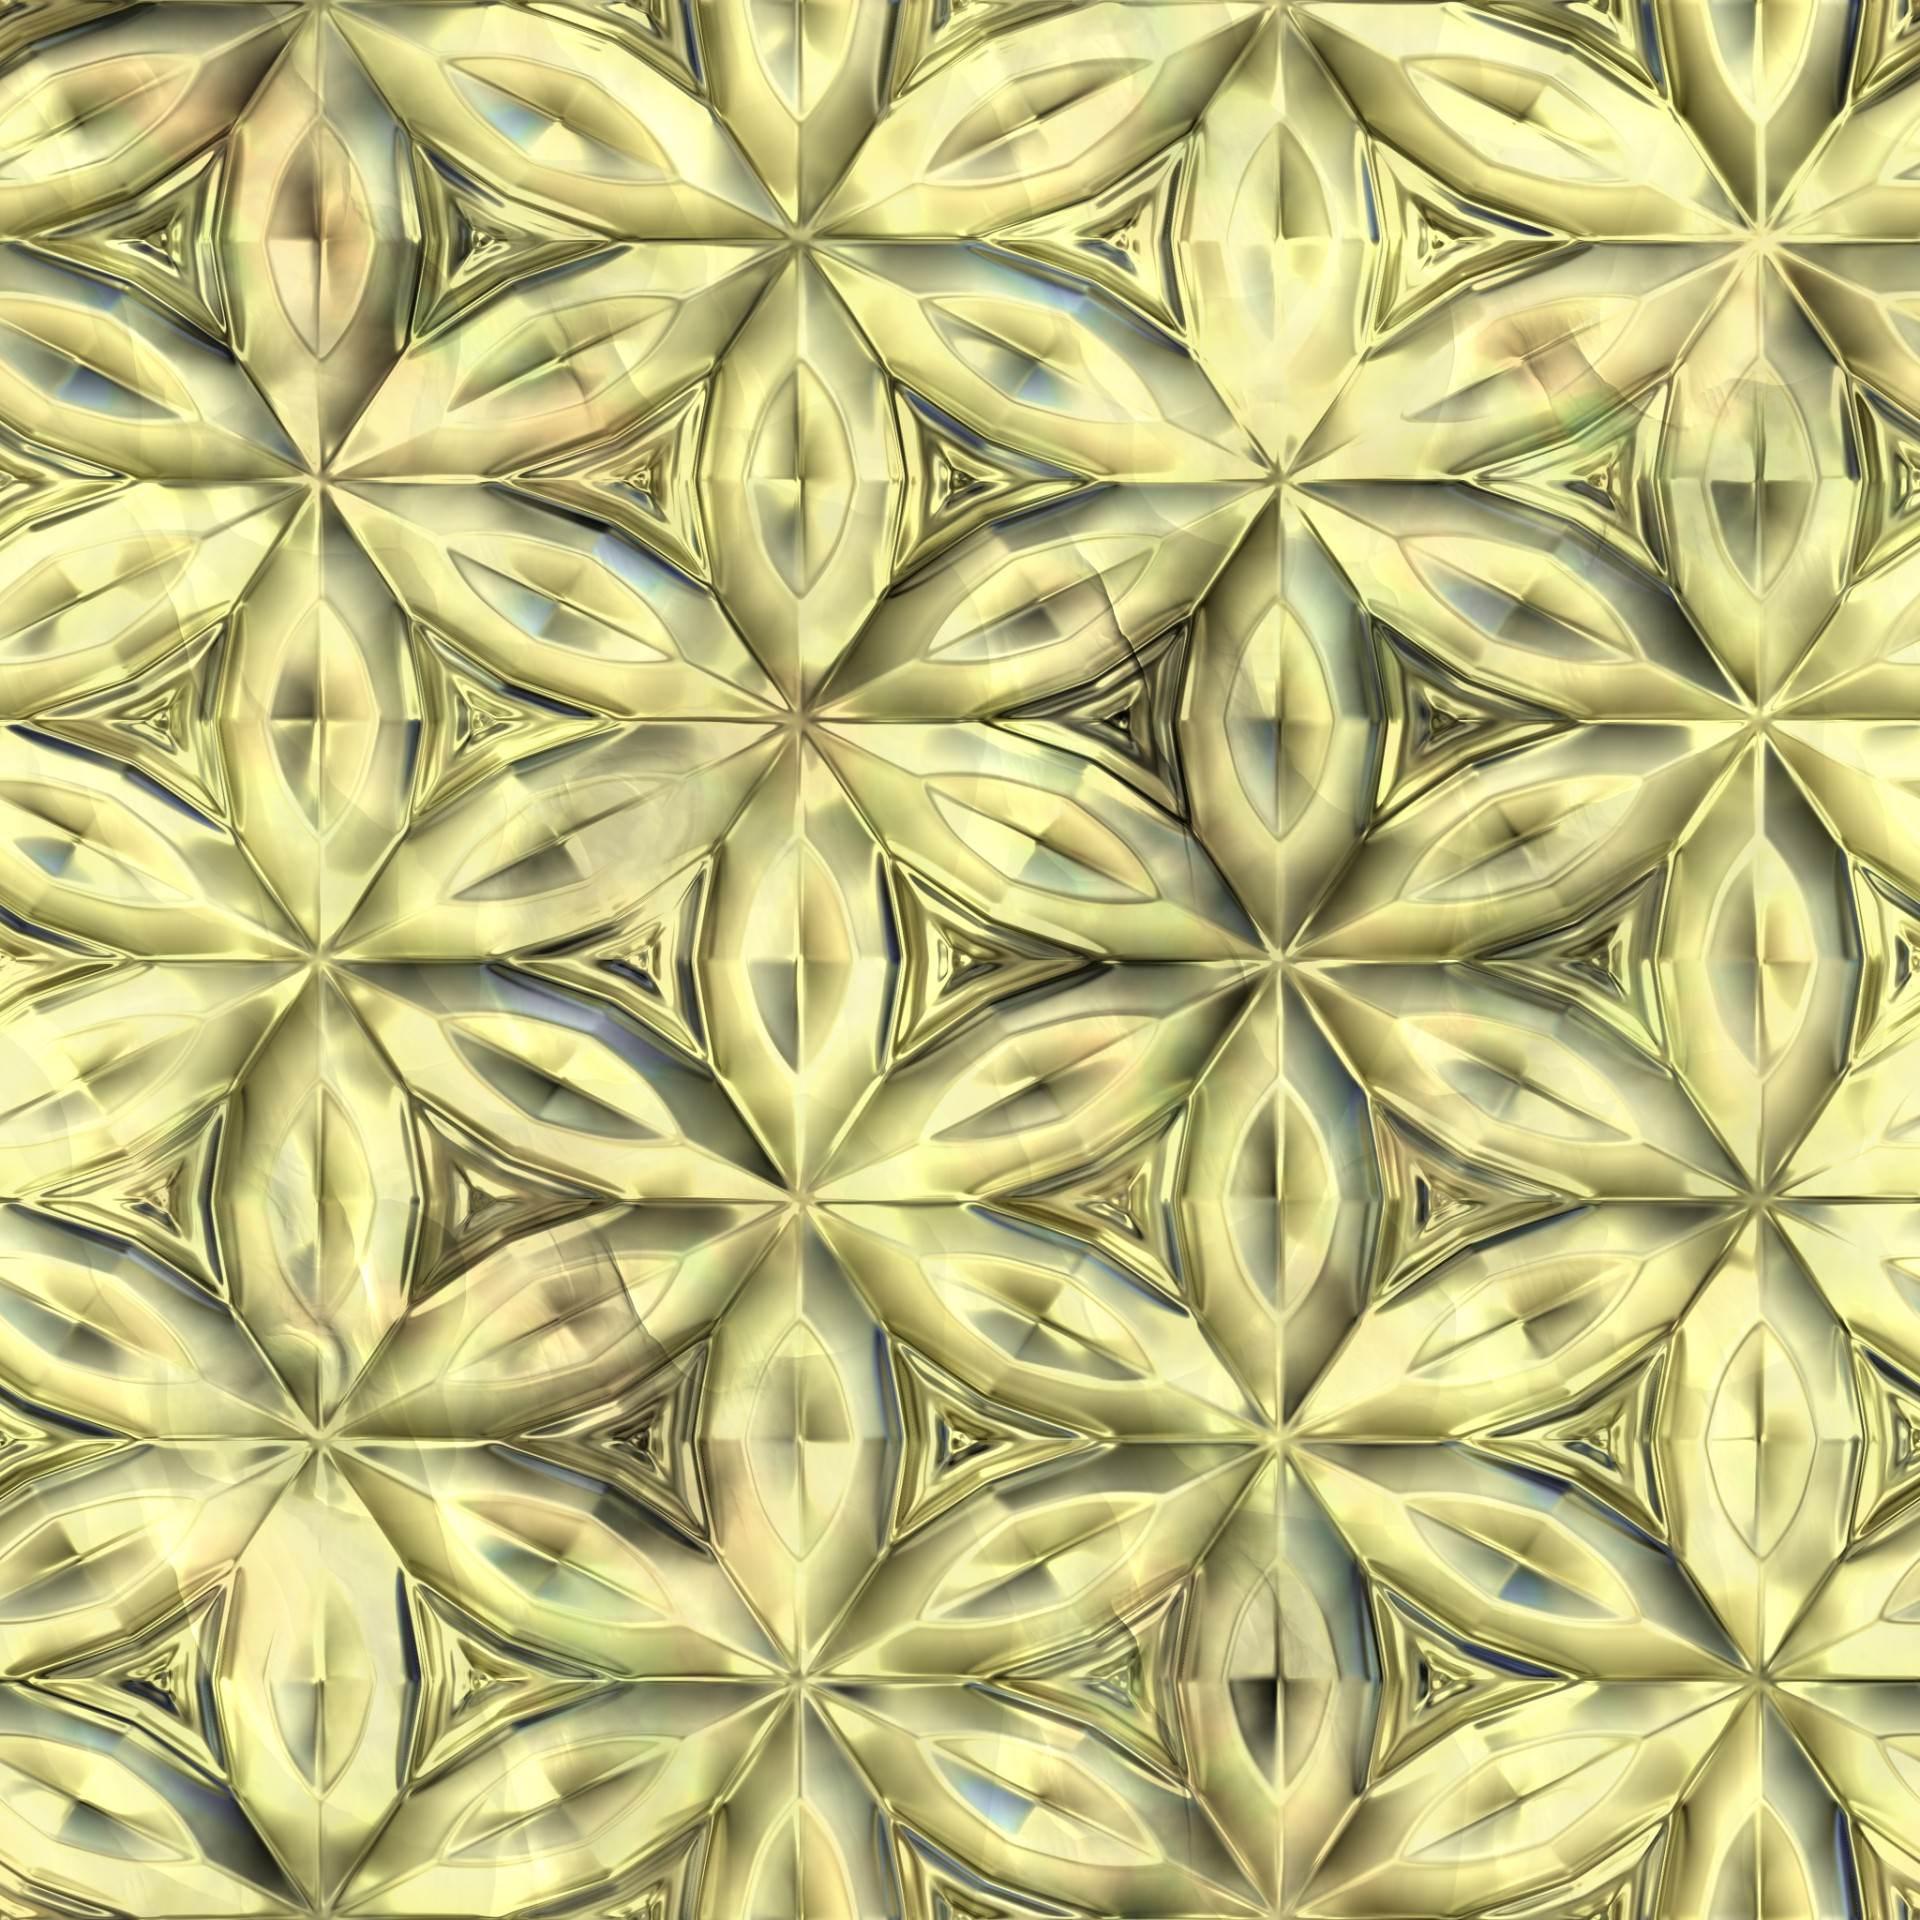 35+ Gold Foil Textures